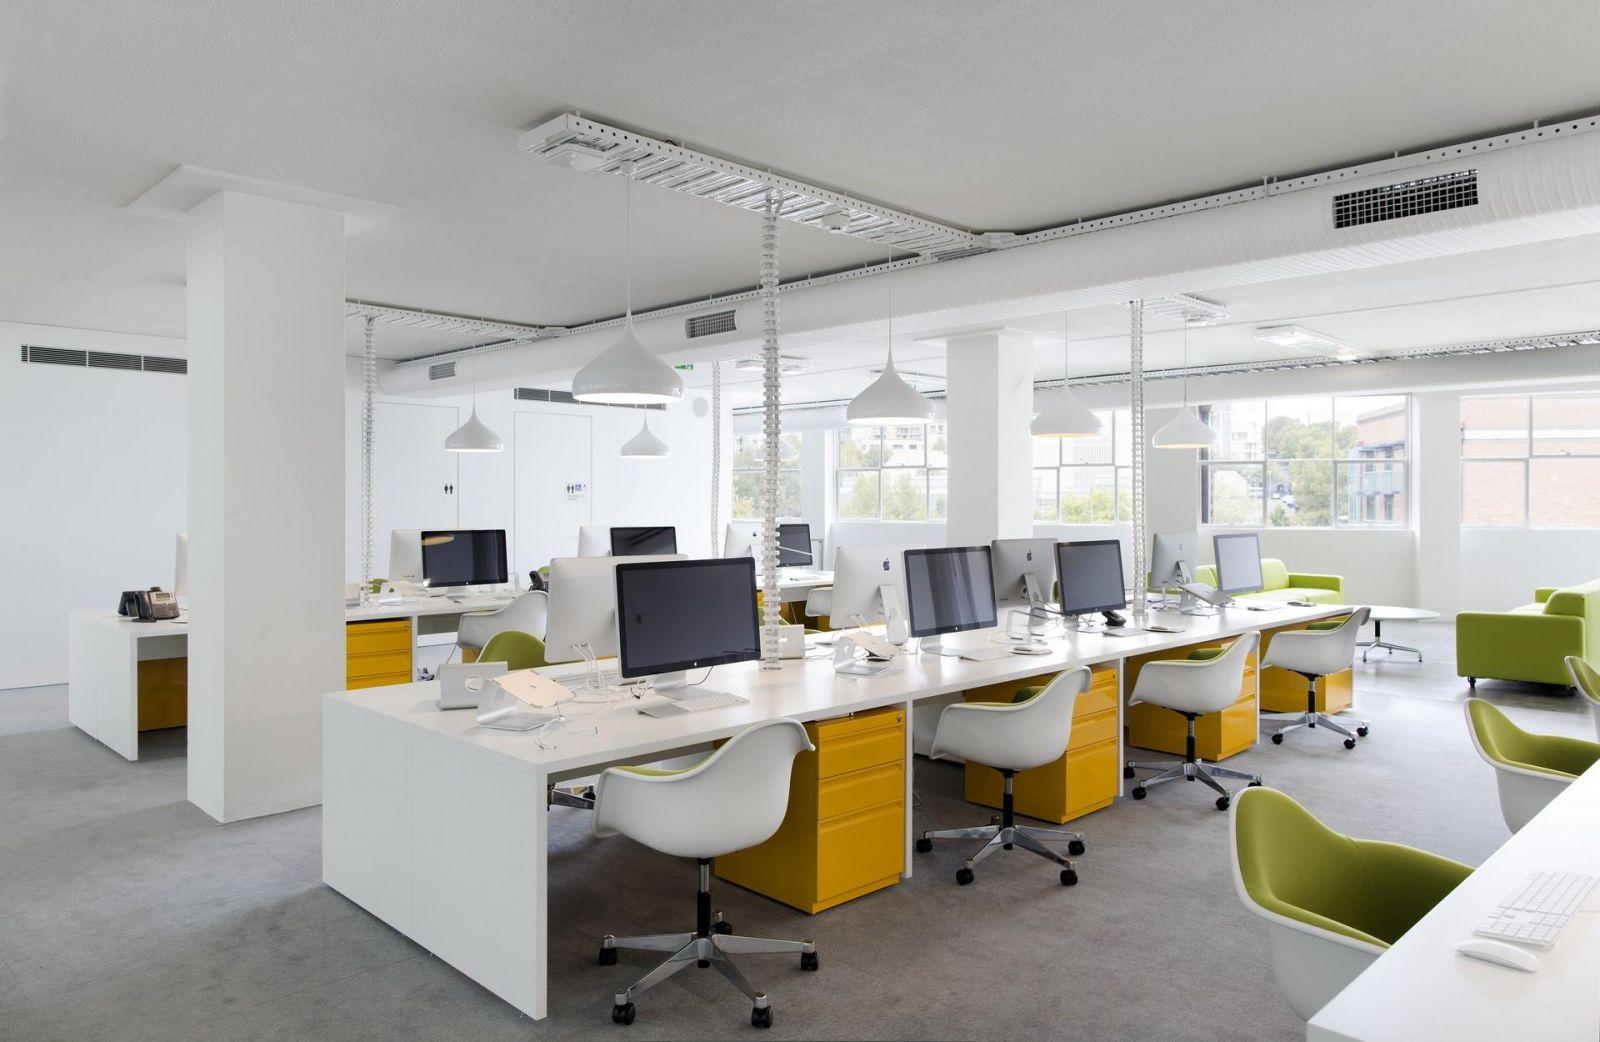 Những mẫu thiết kế văn phòng mở xu hướng 2017 - 02